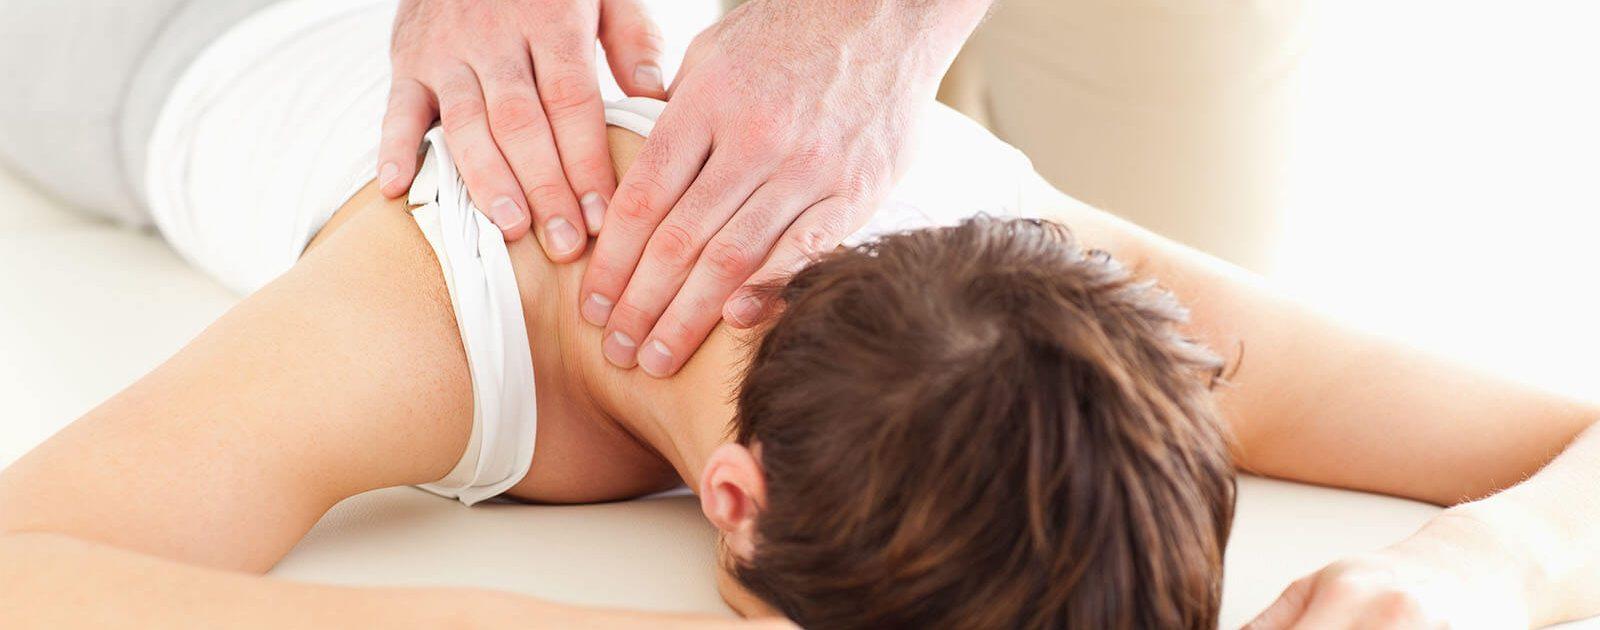 Frau mit Rückenschmerzen lässt sich mit Akupressur behandeln.